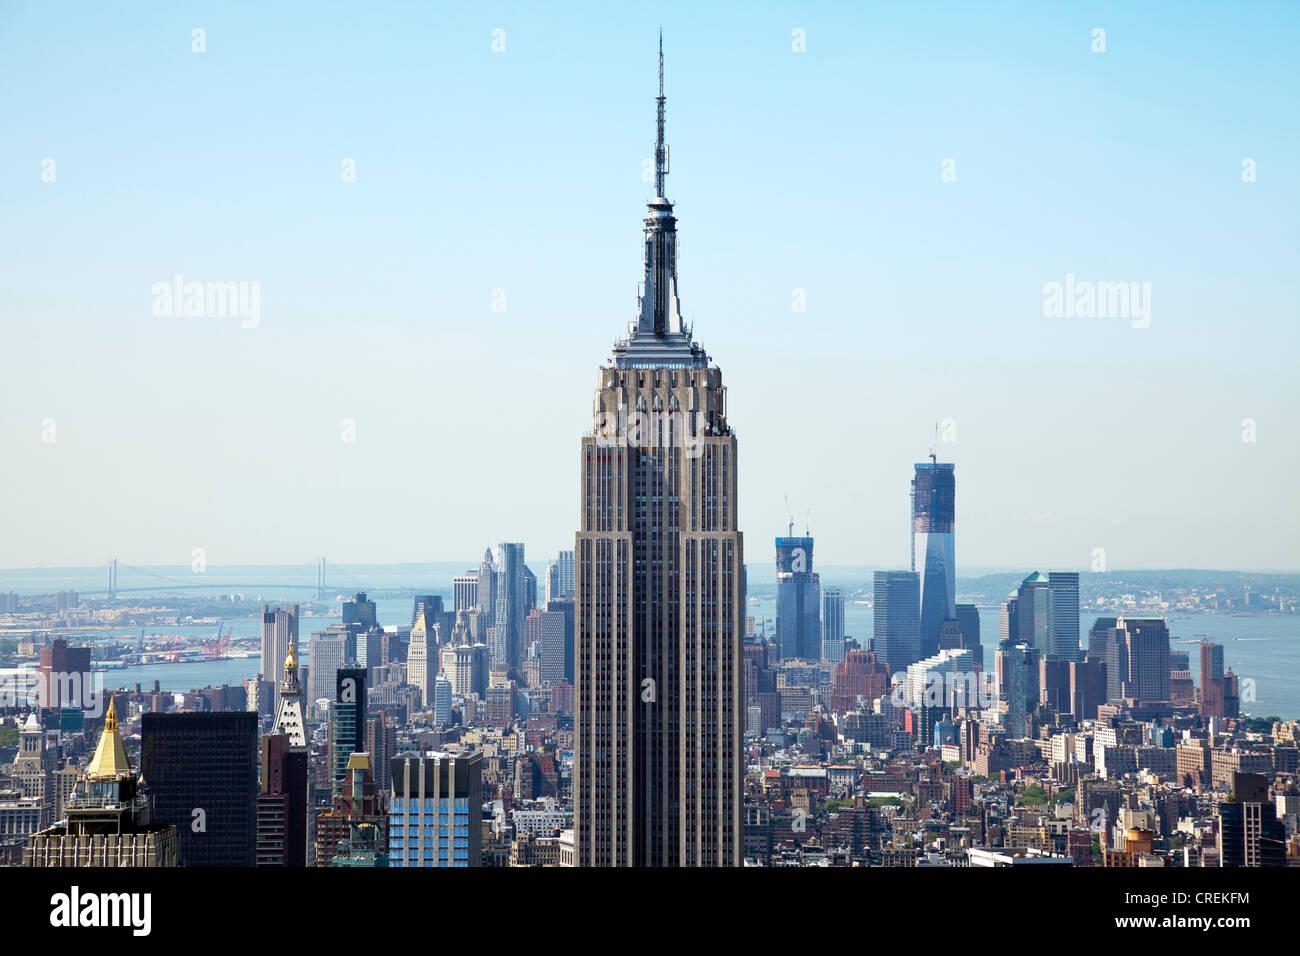 die legend ren empire state building midtown untere manhattan new york city ansicht von. Black Bedroom Furniture Sets. Home Design Ideas